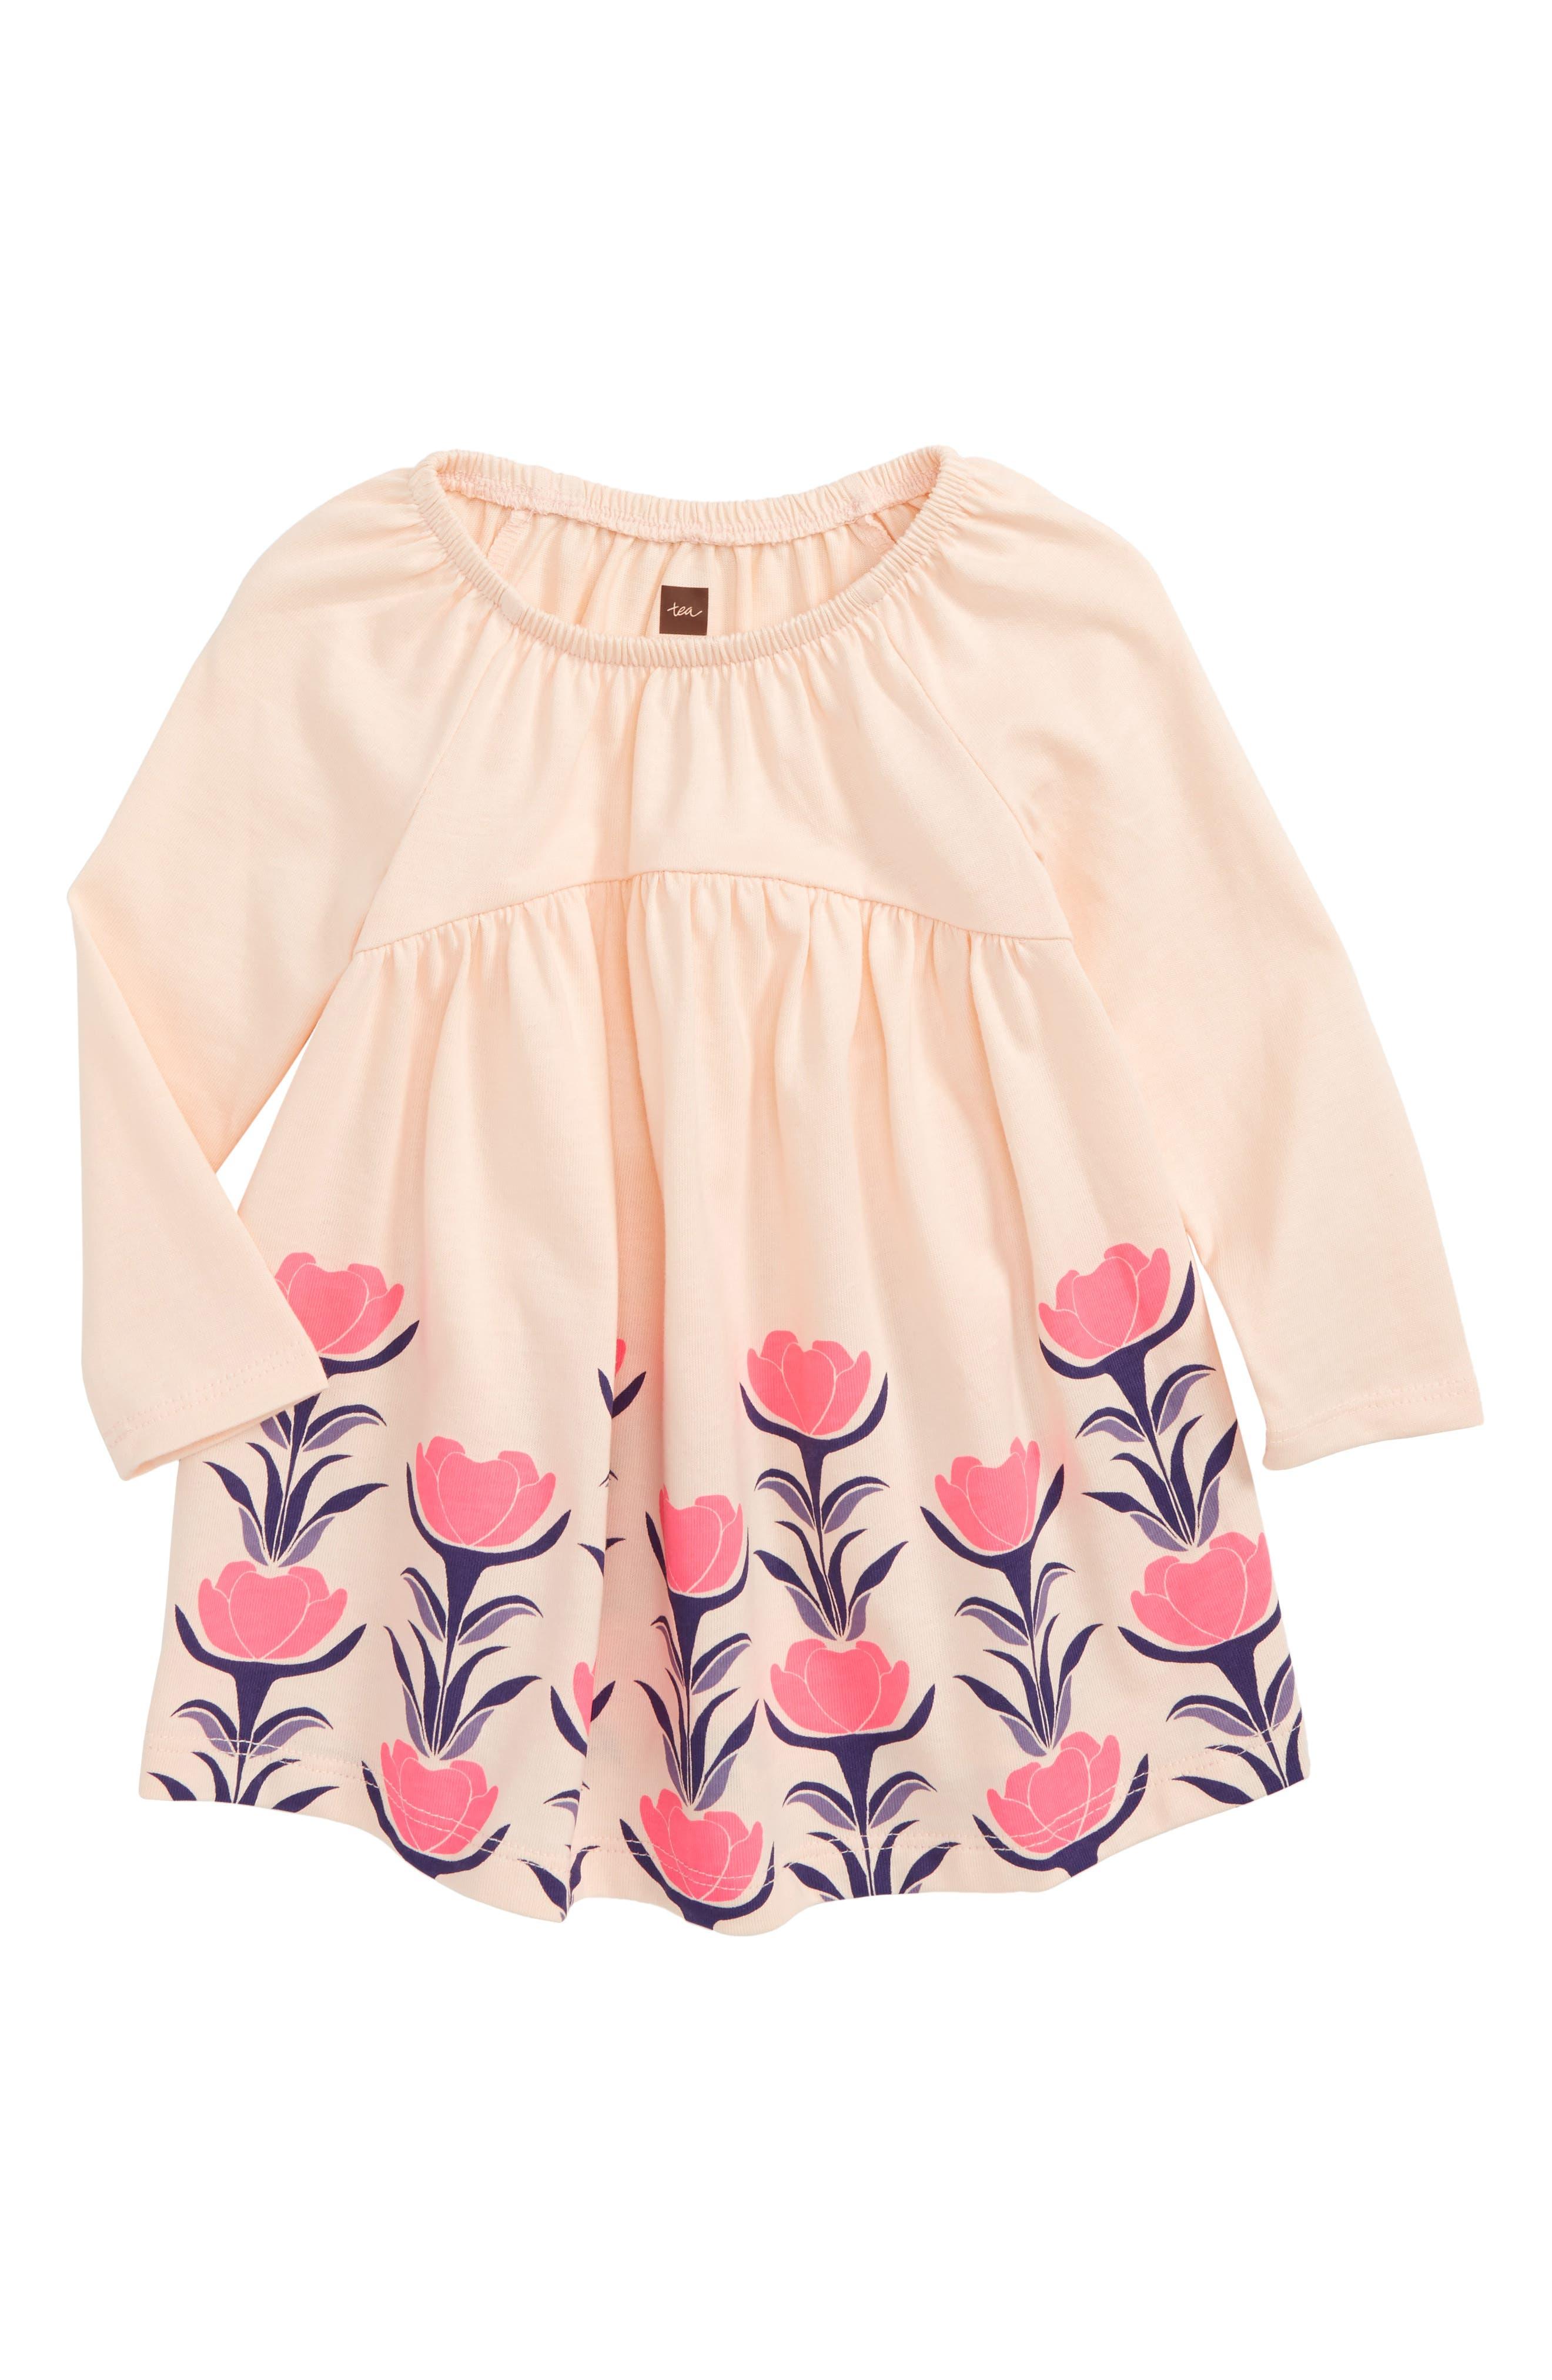 Malin Dress,                             Main thumbnail 1, color,                             Soft Peach